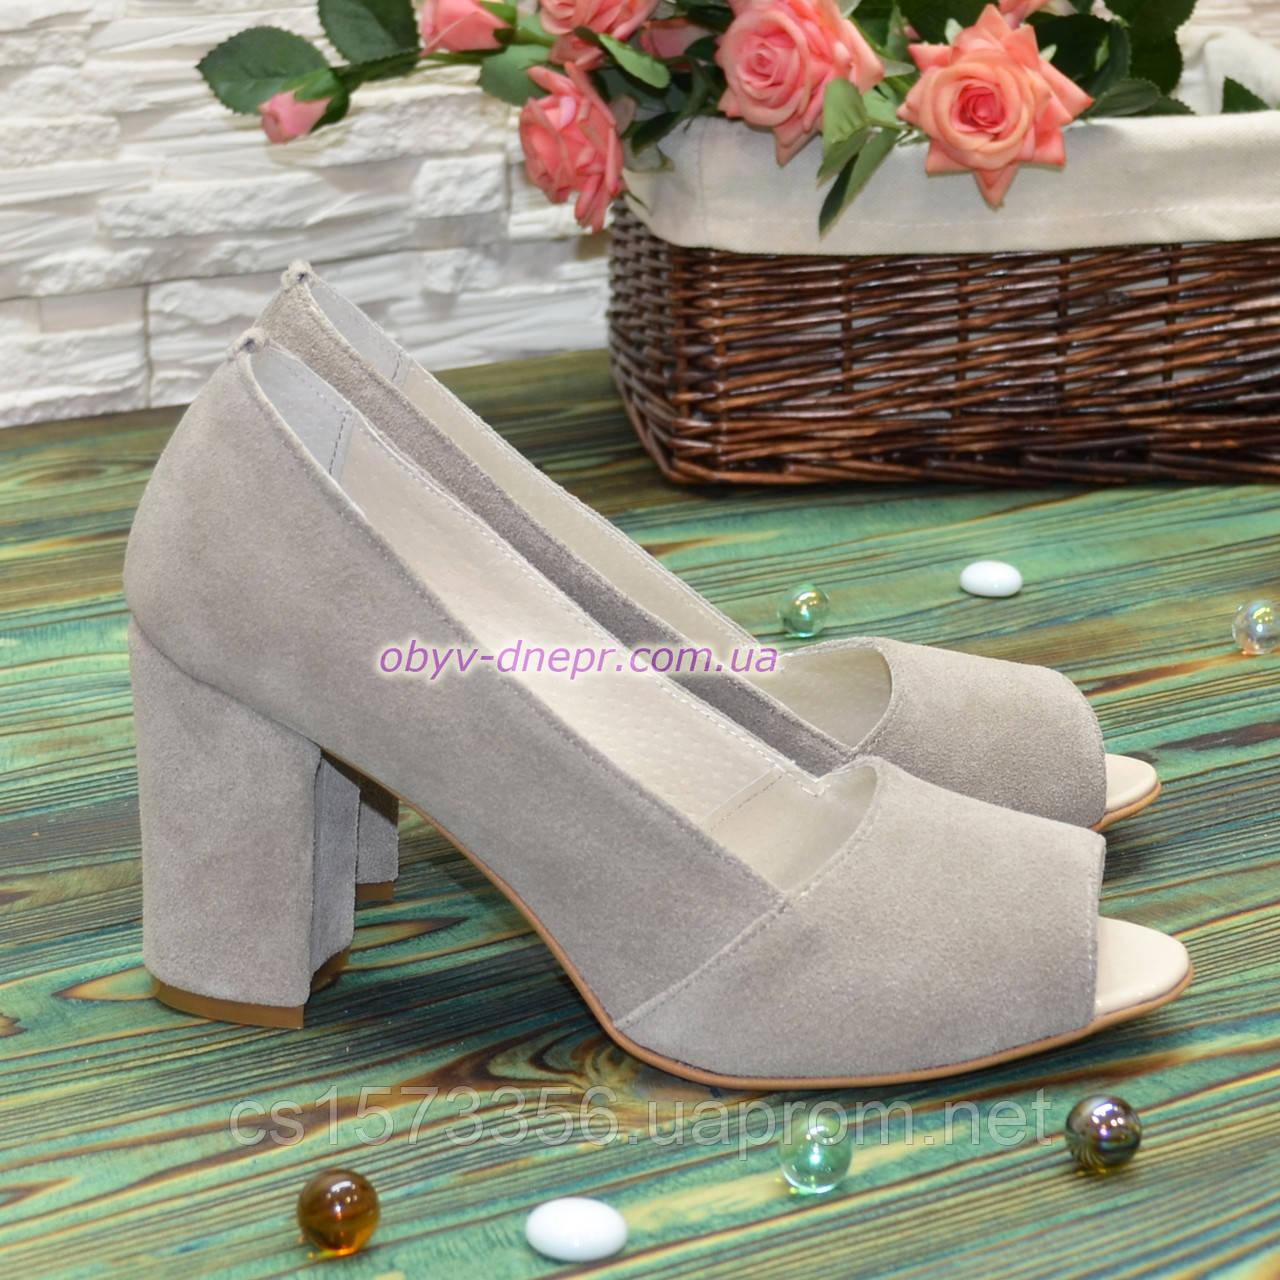 Туфли замшевые с открытым носком, на высоком устойчивом каблуке, цвет бежевый